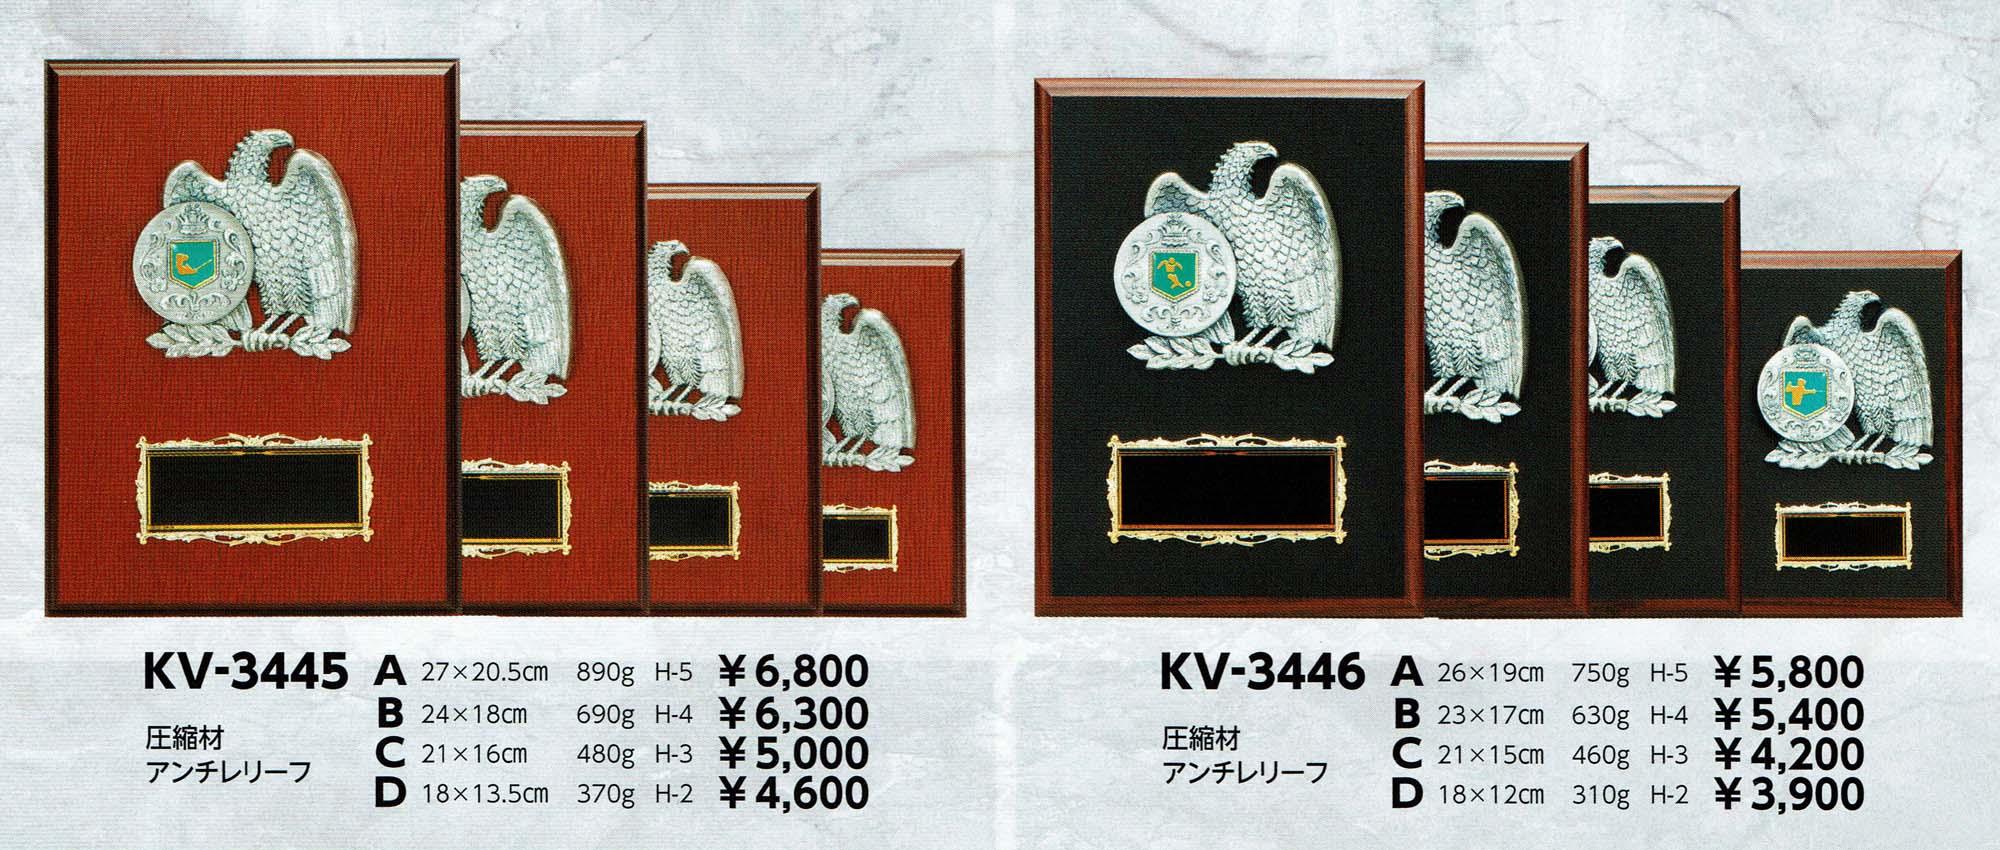 KV3445、KV3446